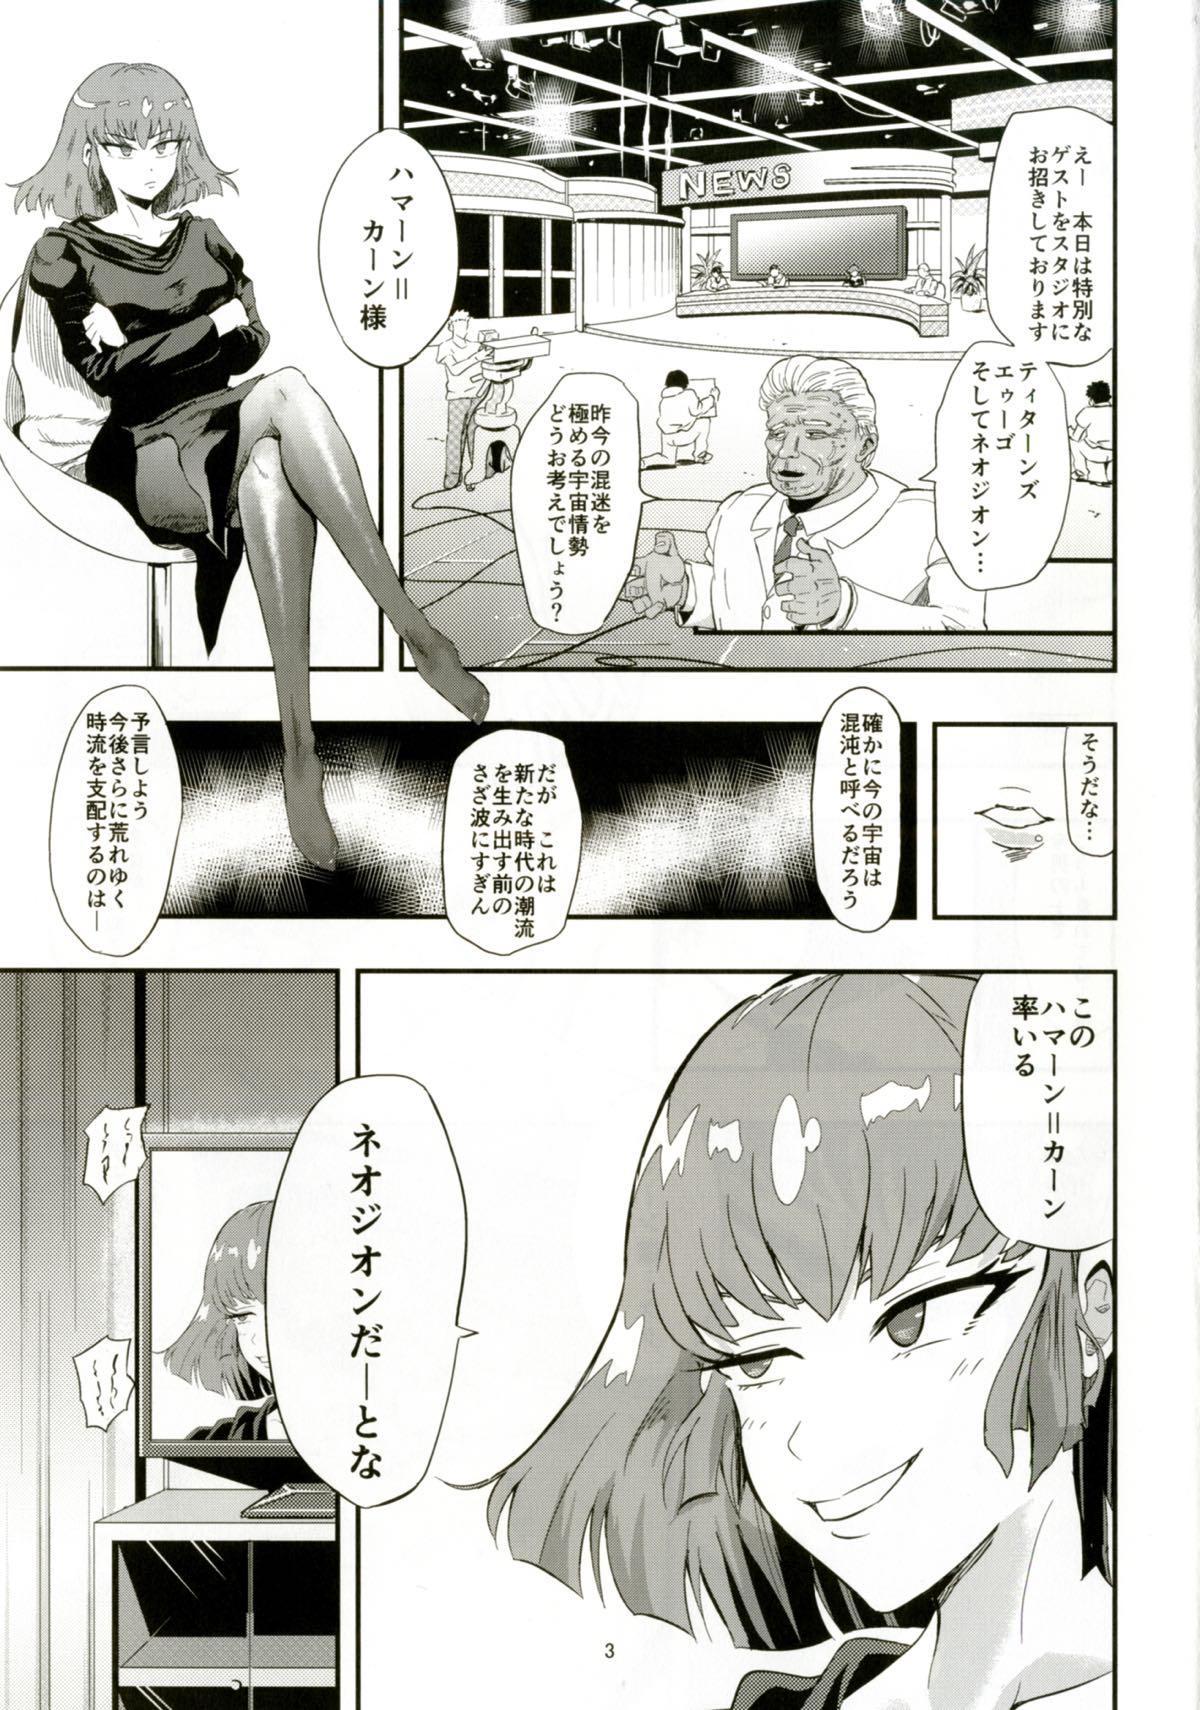 Haman-sama no Inzoku na Hibi 2 1